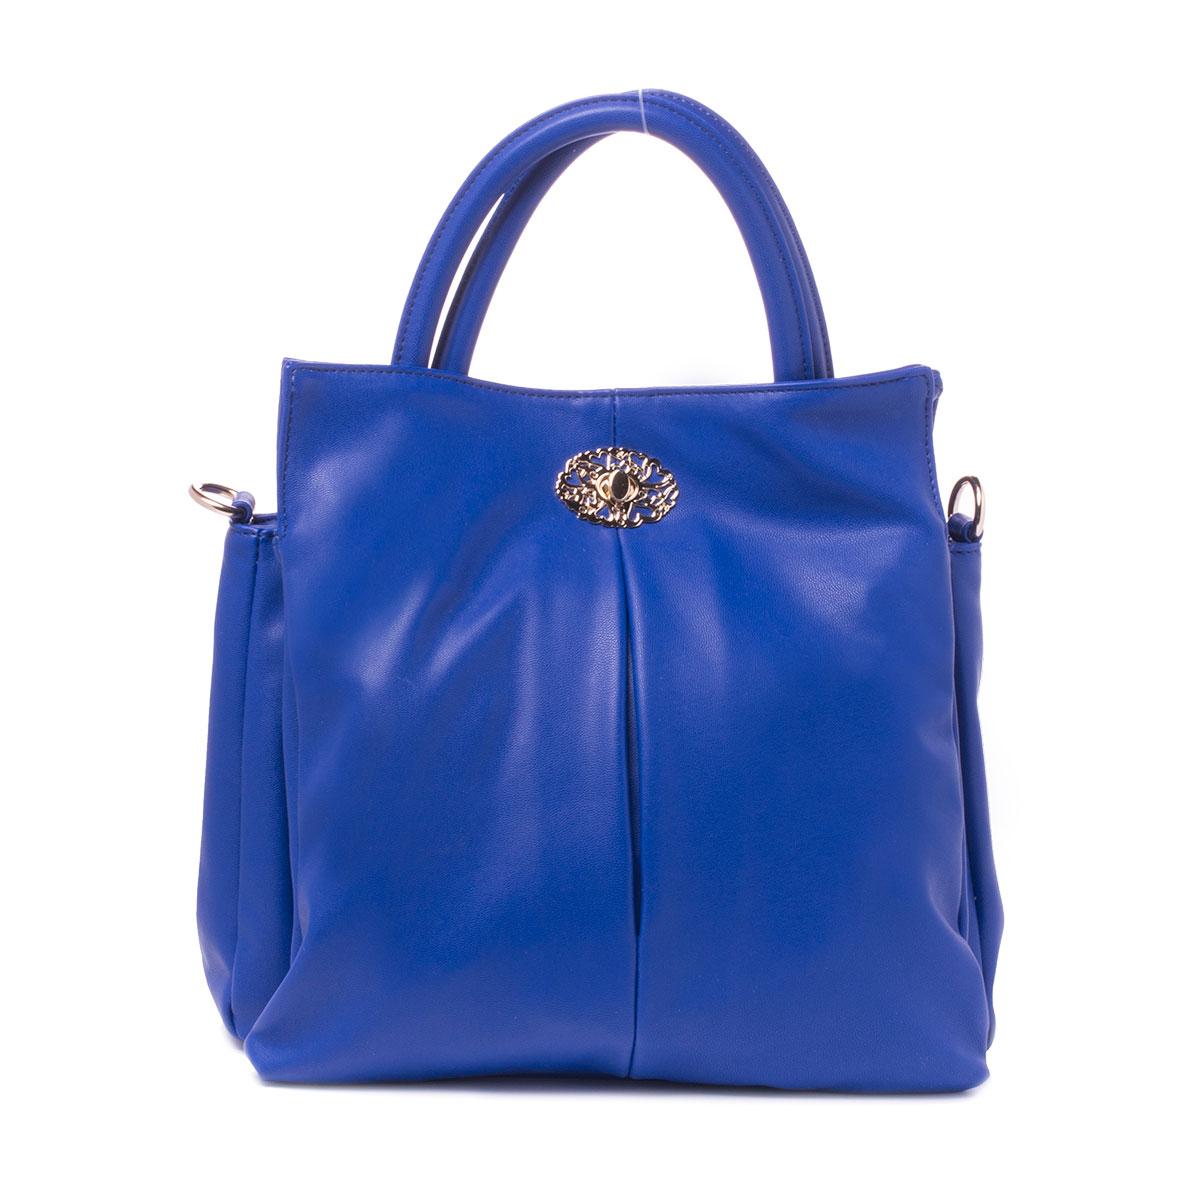 Сумка женская Baggini, цвет: синий. 29795/4329795/43Сумка жен., иск. кожа